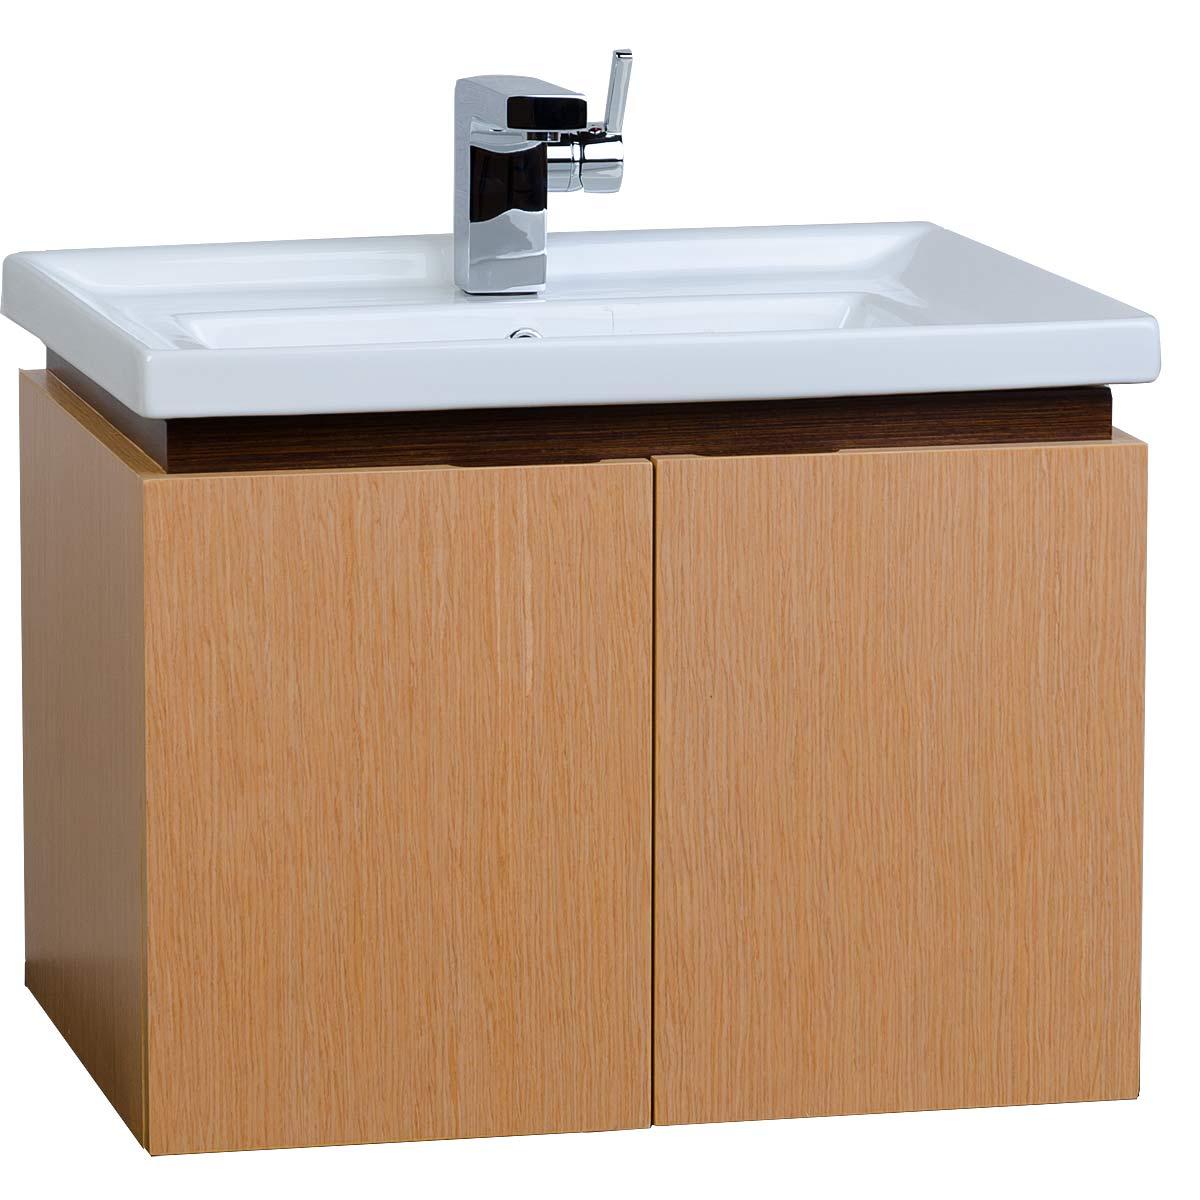 23 5 wall mount bathroom vanity set natural red oak finish vm v14177 ro. Black Bedroom Furniture Sets. Home Design Ideas